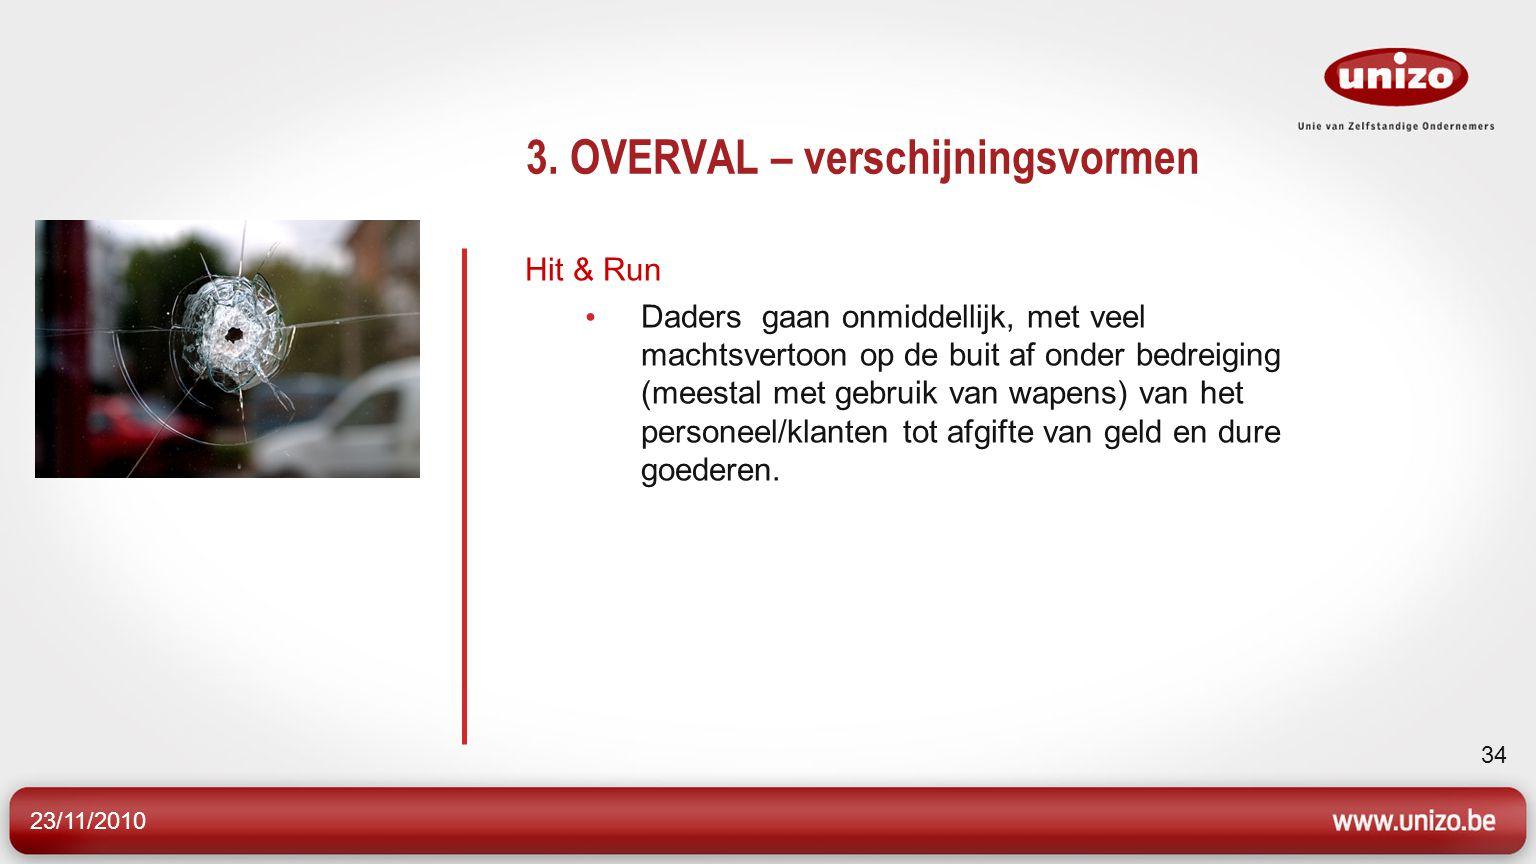 23/11/2010 34 3. OVERVAL – verschijningsvormen Hit & Run Daders gaan onmiddellijk, met veel machtsvertoon op de buit af onder bedreiging (meestal met